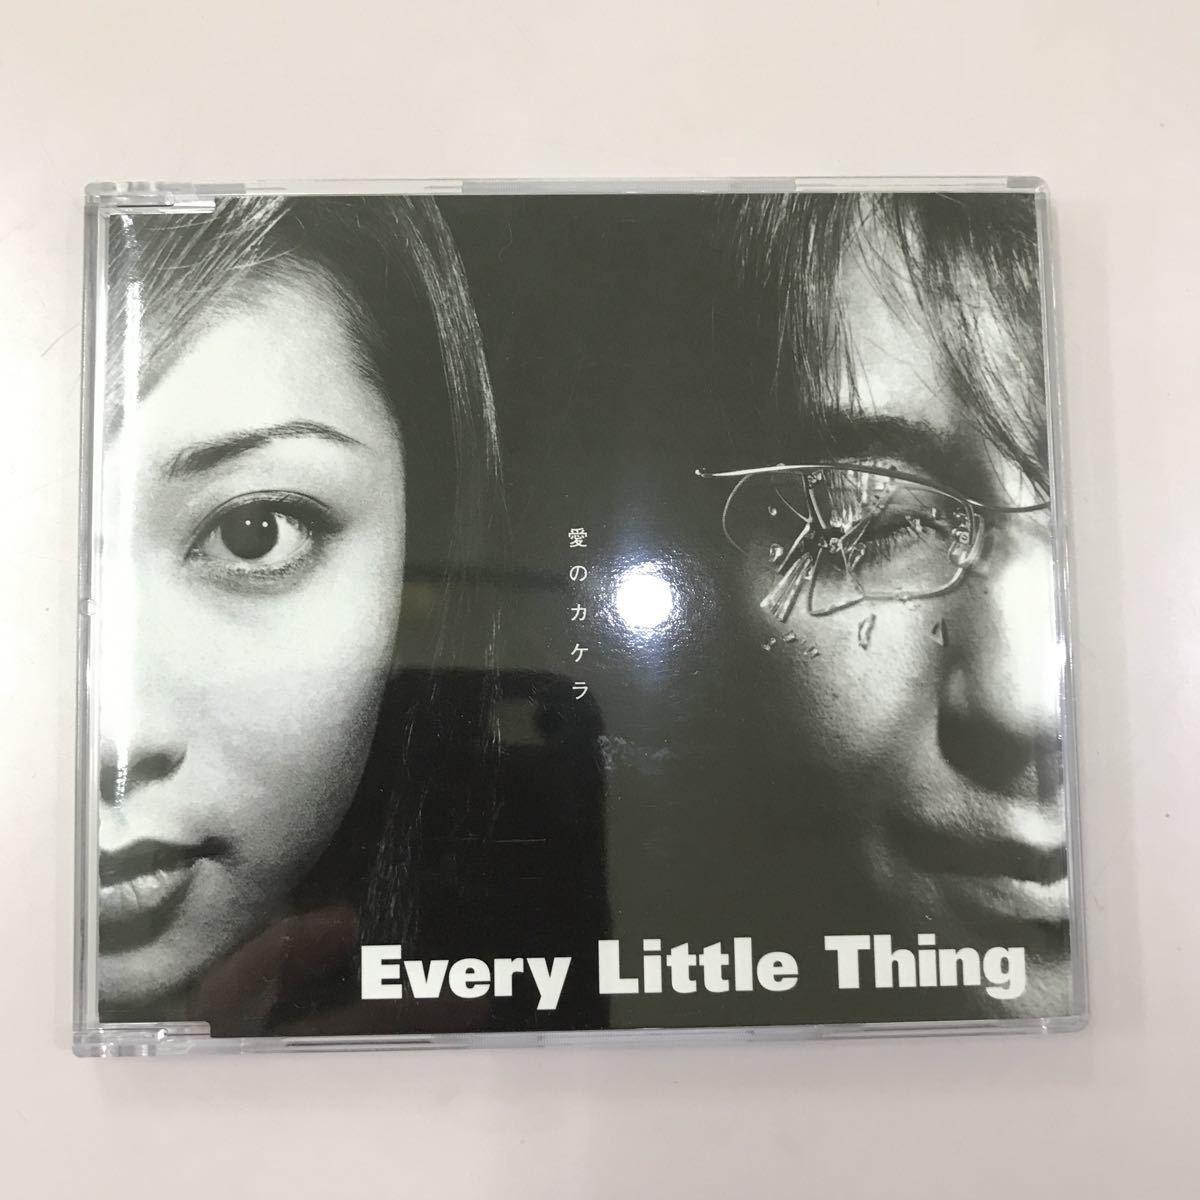 CD 中古☆【邦楽】エブリリトルシング 愛のカケラ